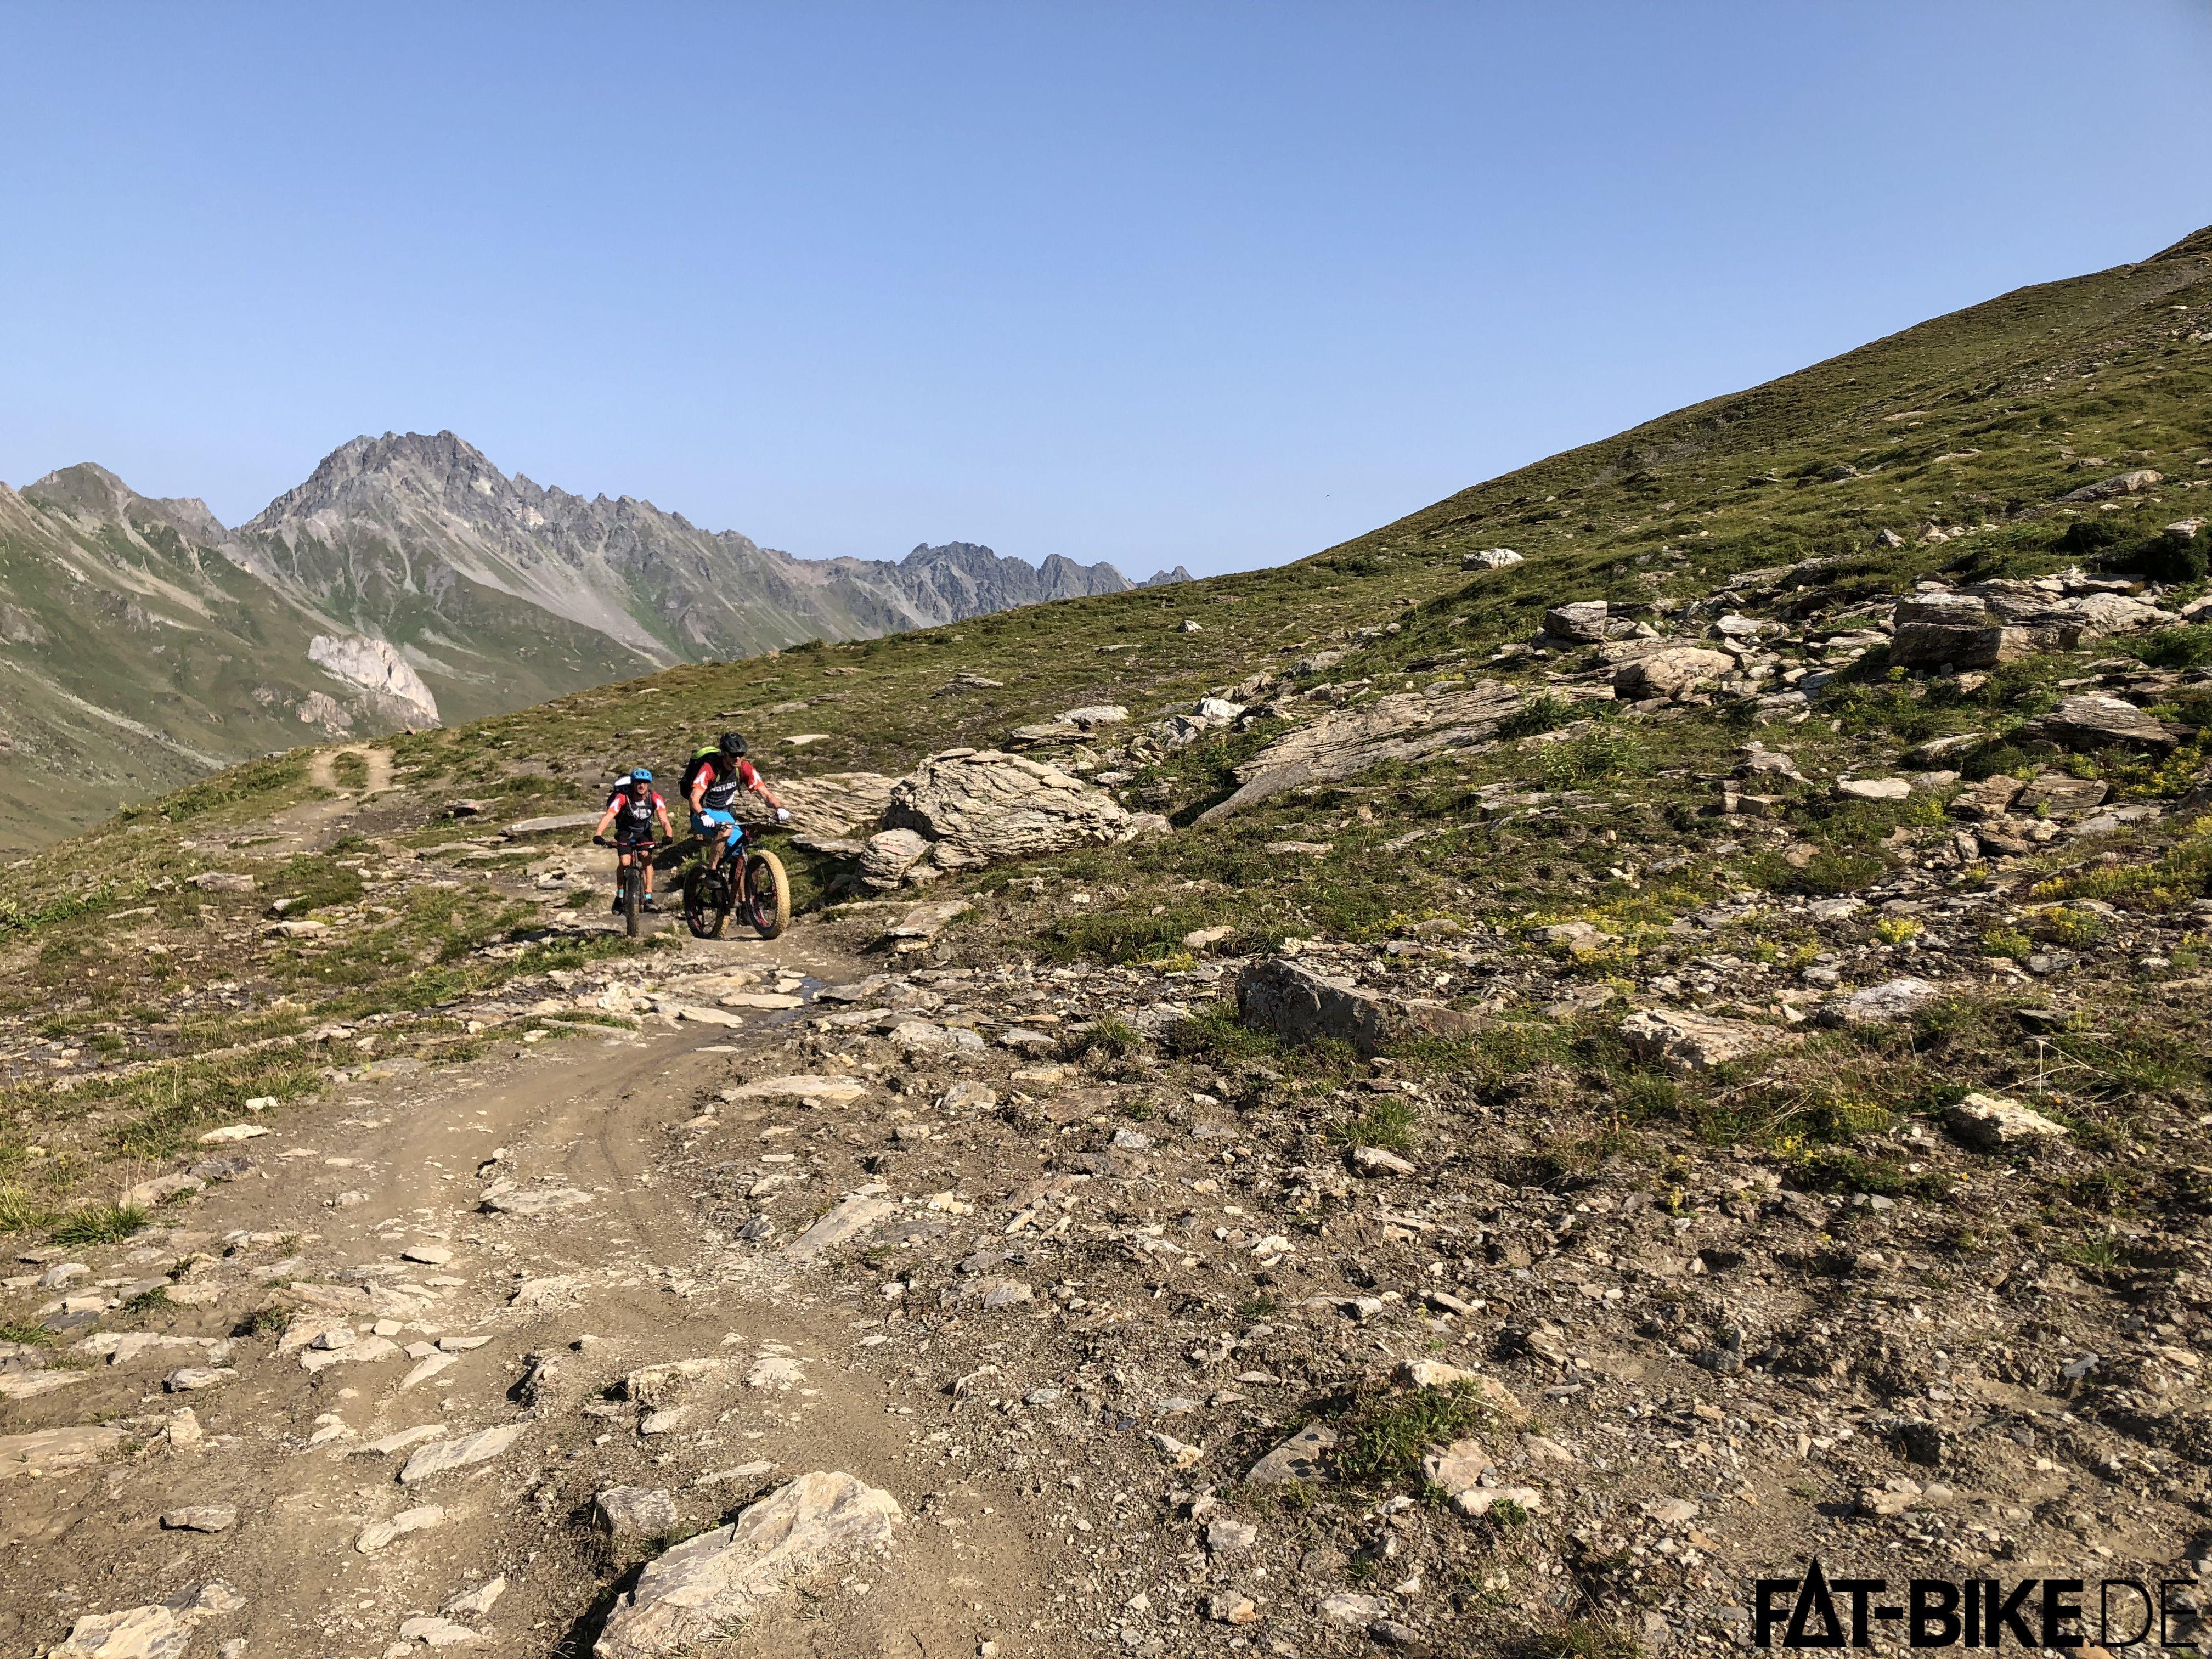 Die Vorfreude auf einen hoffentlich FATten Trail auf der anderen Seite des Passes trieb uns an.